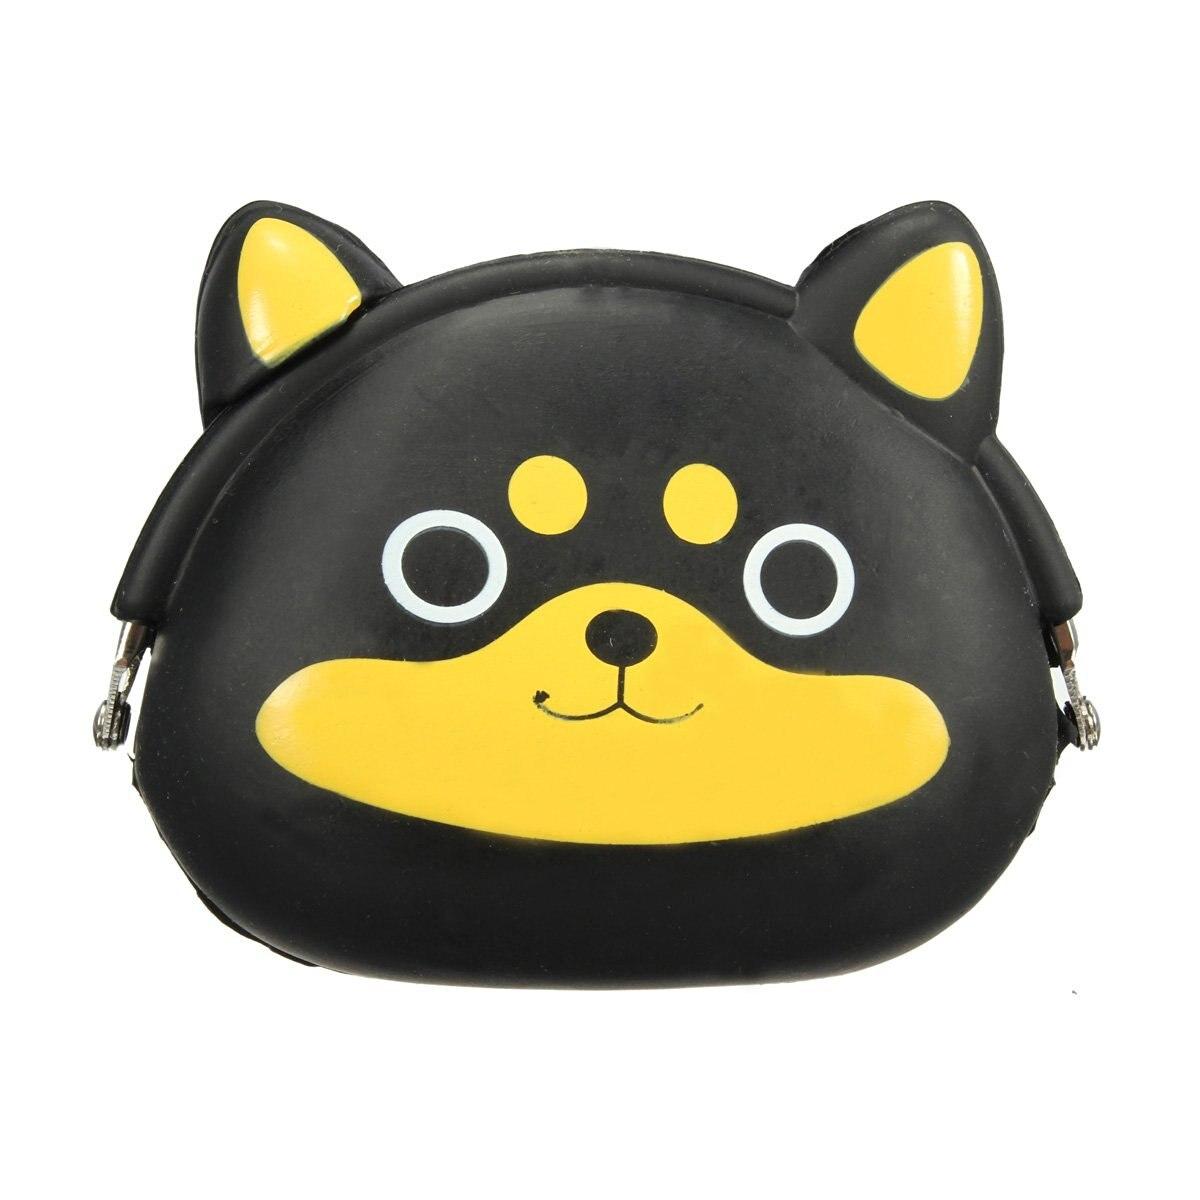 Qualifiziert Frauen Mädchen Brieftasche Kawaii Niedliche Cartoon-tier Silikon Gelee Münze Tasche Geldbörse Kinder Geschenk Huskies